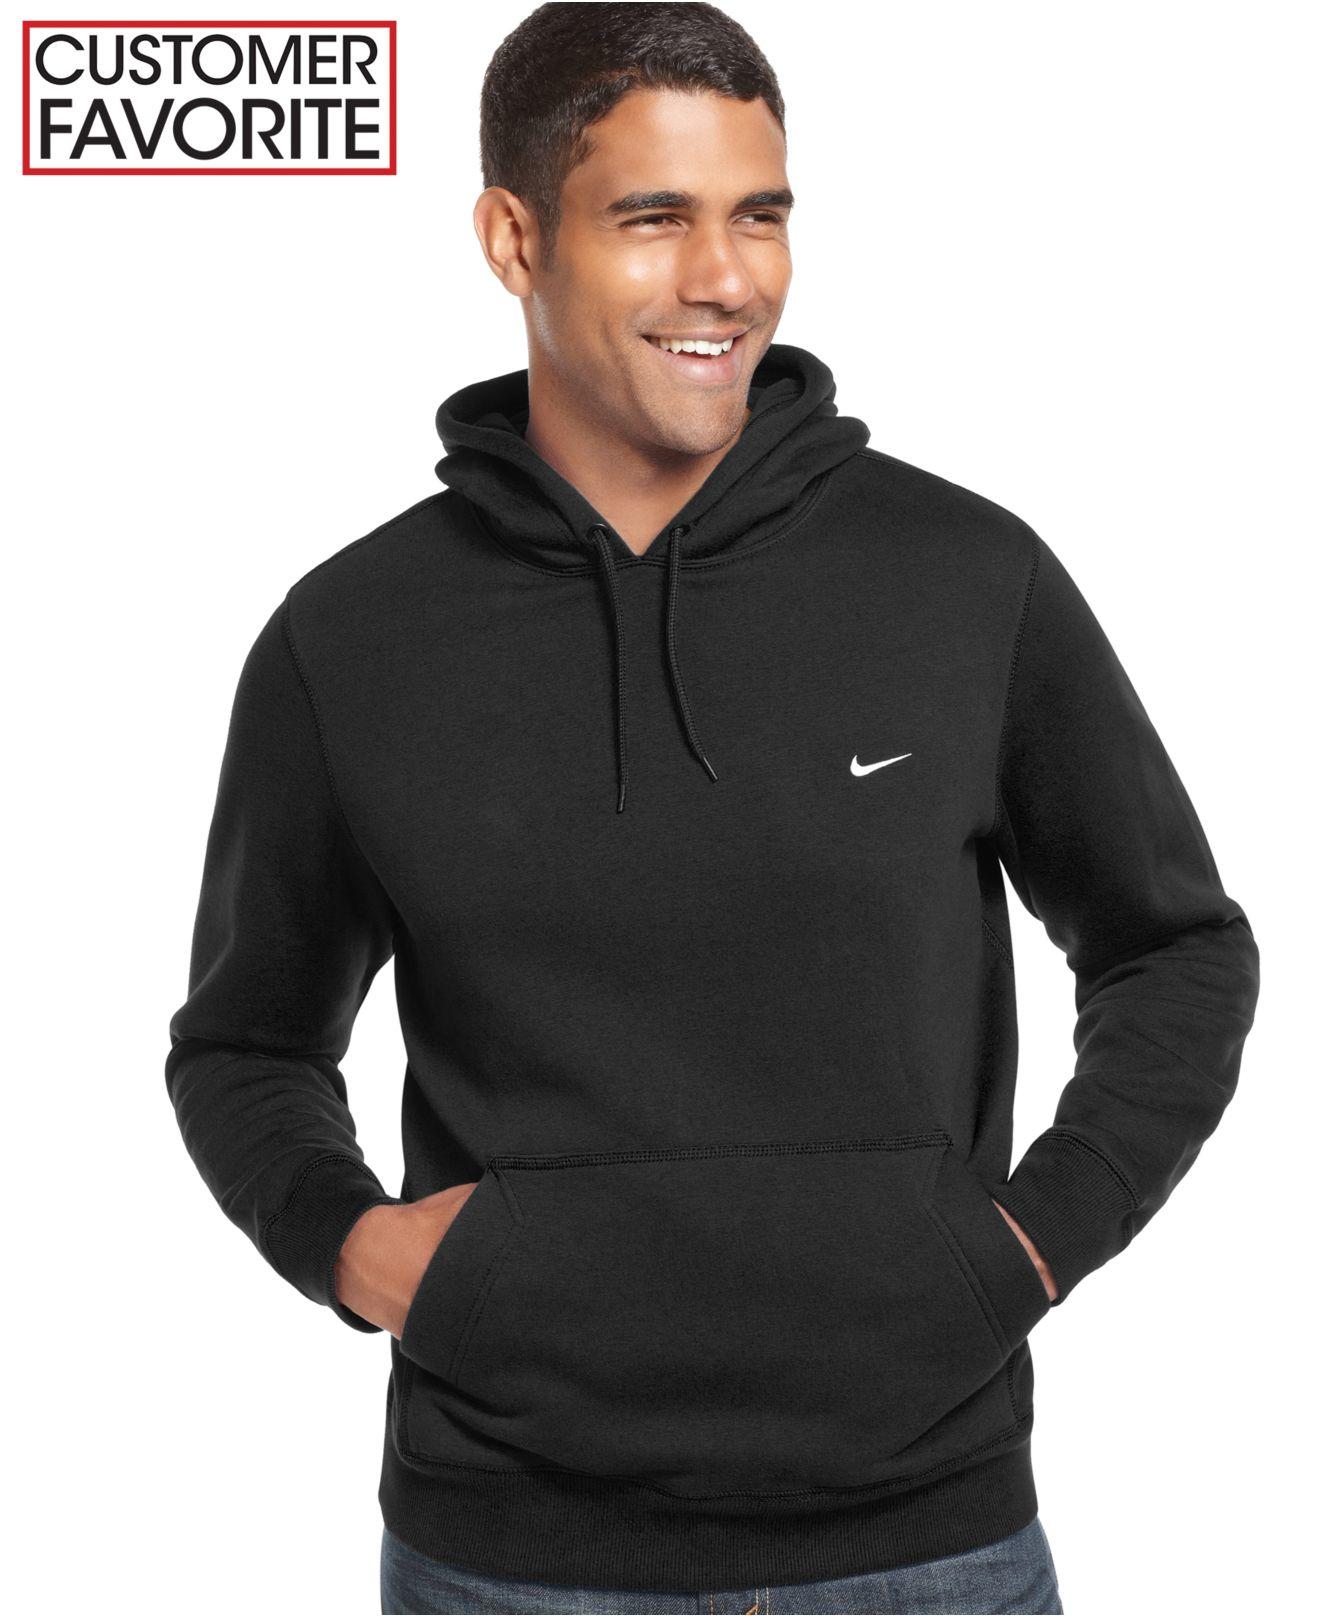 c14c5733c897 Lyst - Nike Men s Classic Fleece Hoodie in Black for Men